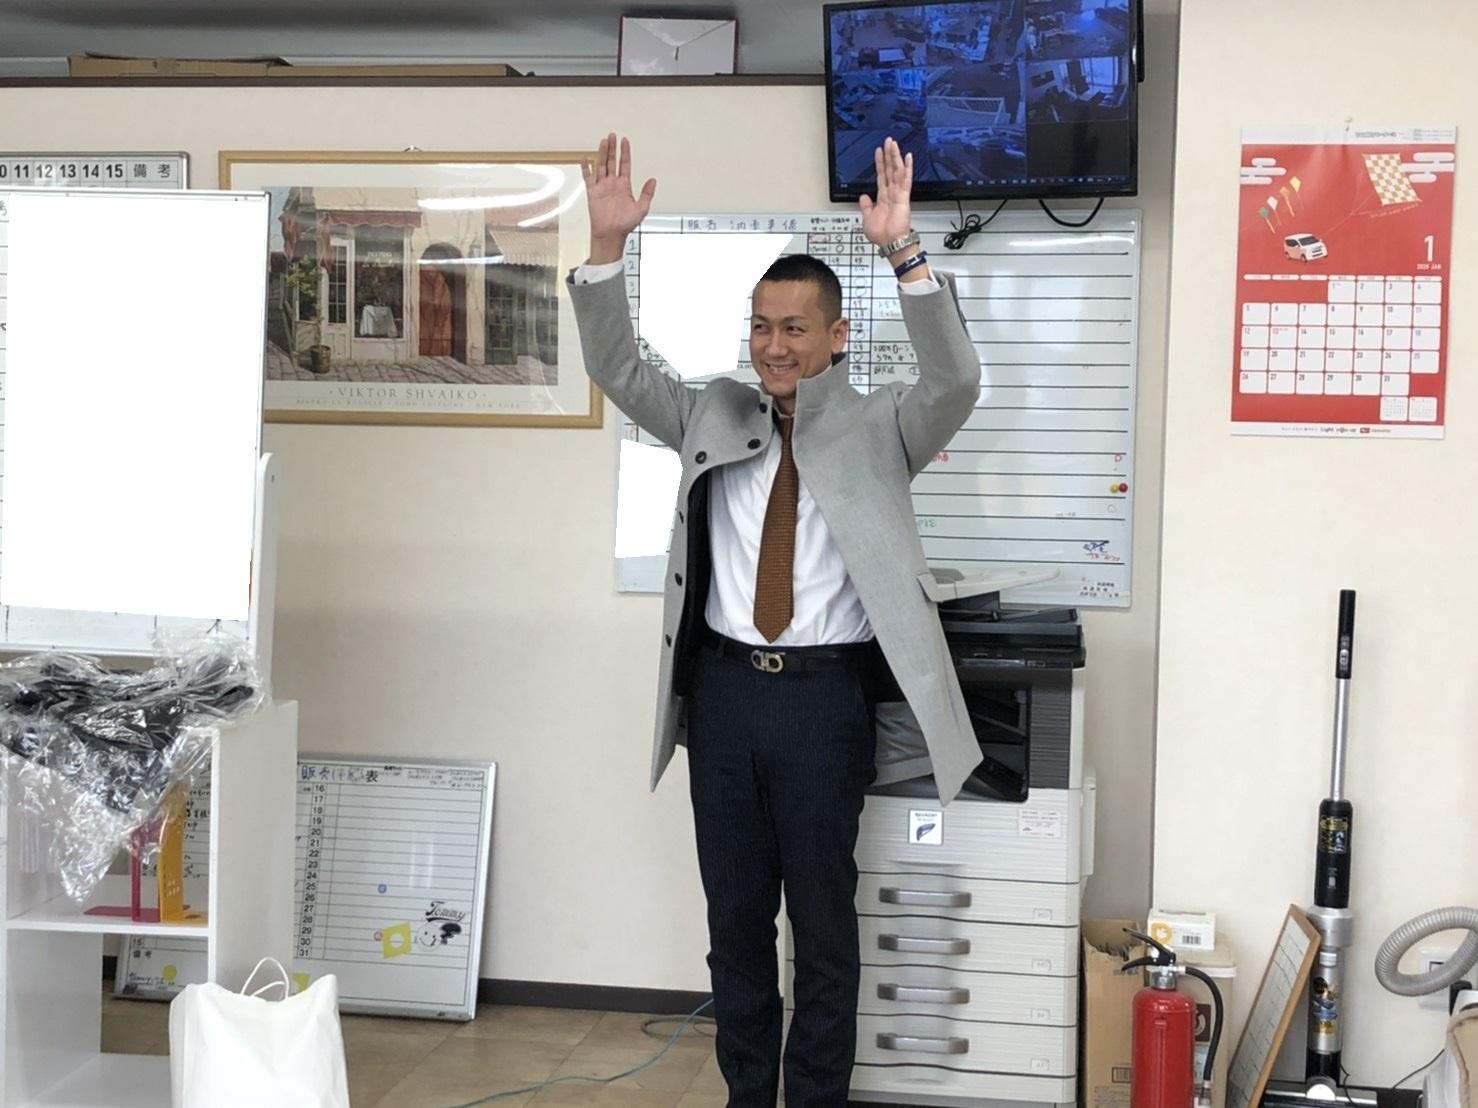 1月14日(火)GT63S 4DOORあります✊エスカレード アルファード ランクル TOMMY♡_b0127002_19015998.jpg